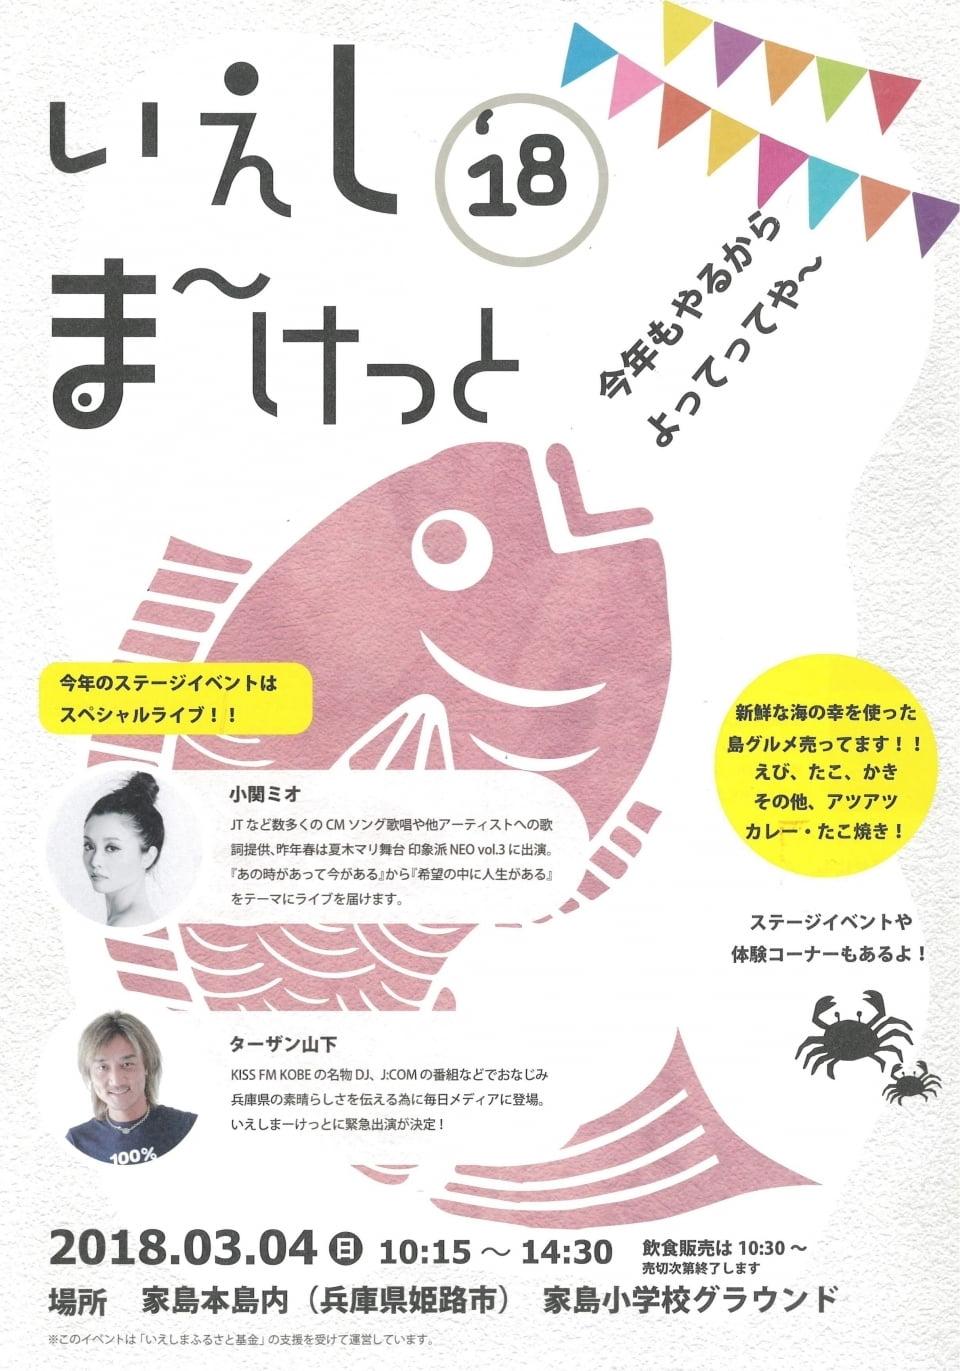 【3月4日イベント】先着500名さま限定の海鮮汁がふるまわれる!島グルメが味わえる!「いえしま~けっと2018」